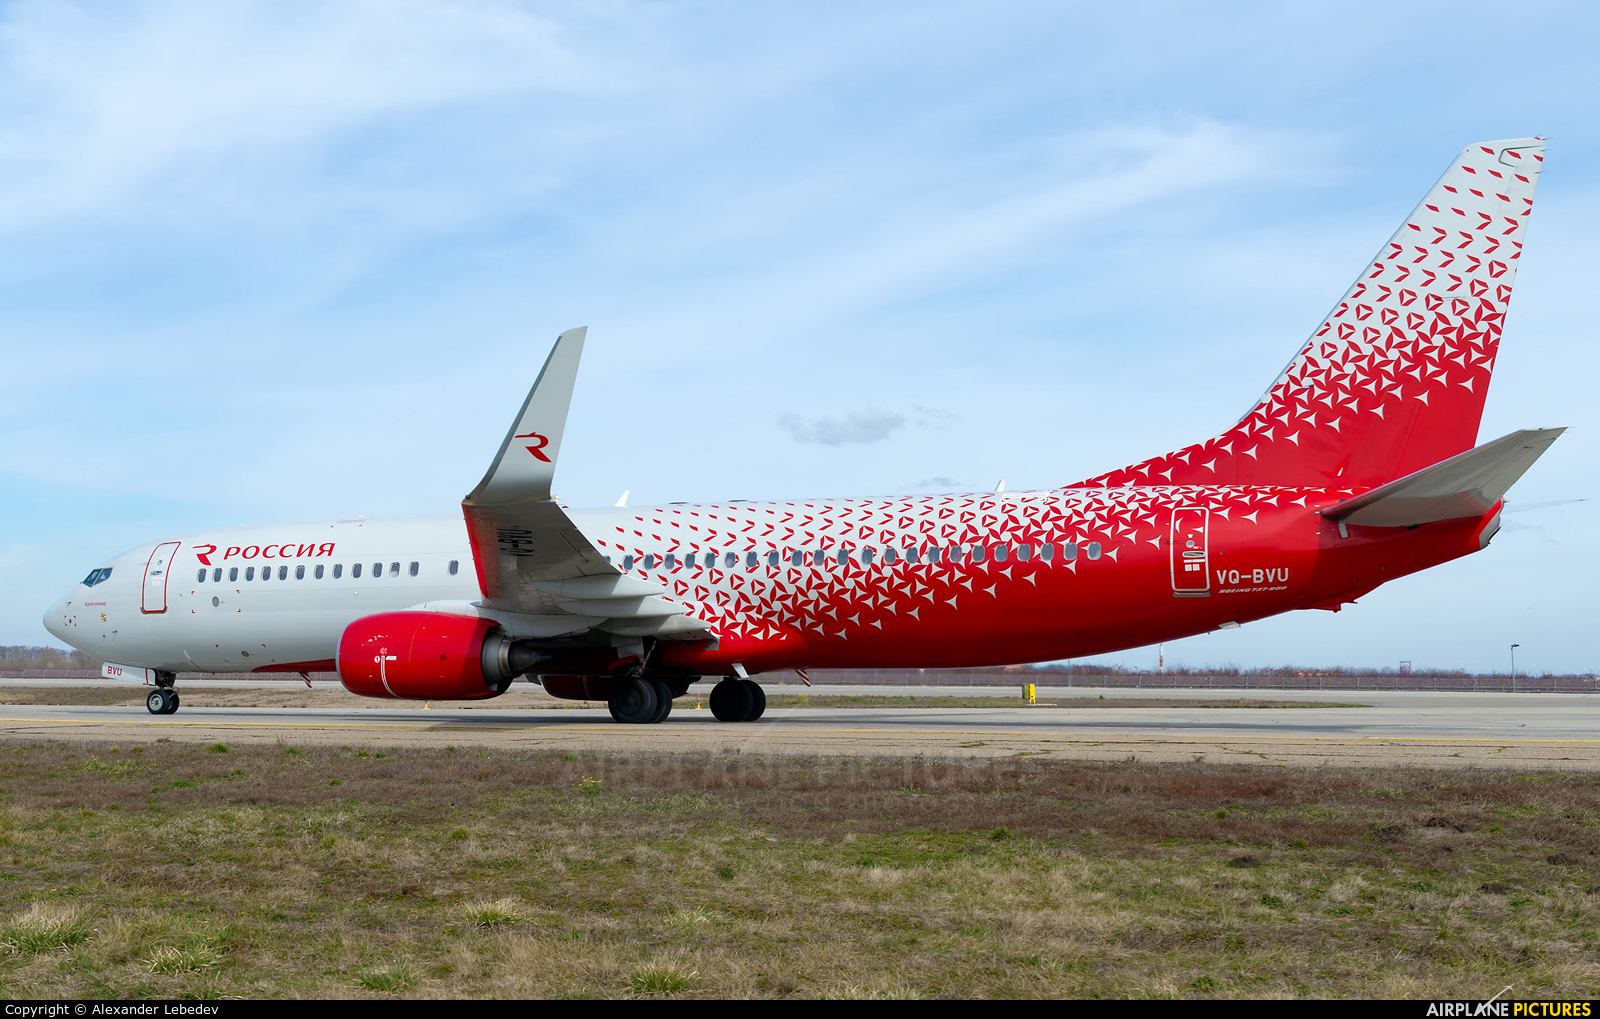 Rossiya VQ-BVU aircraft at Krasnodar